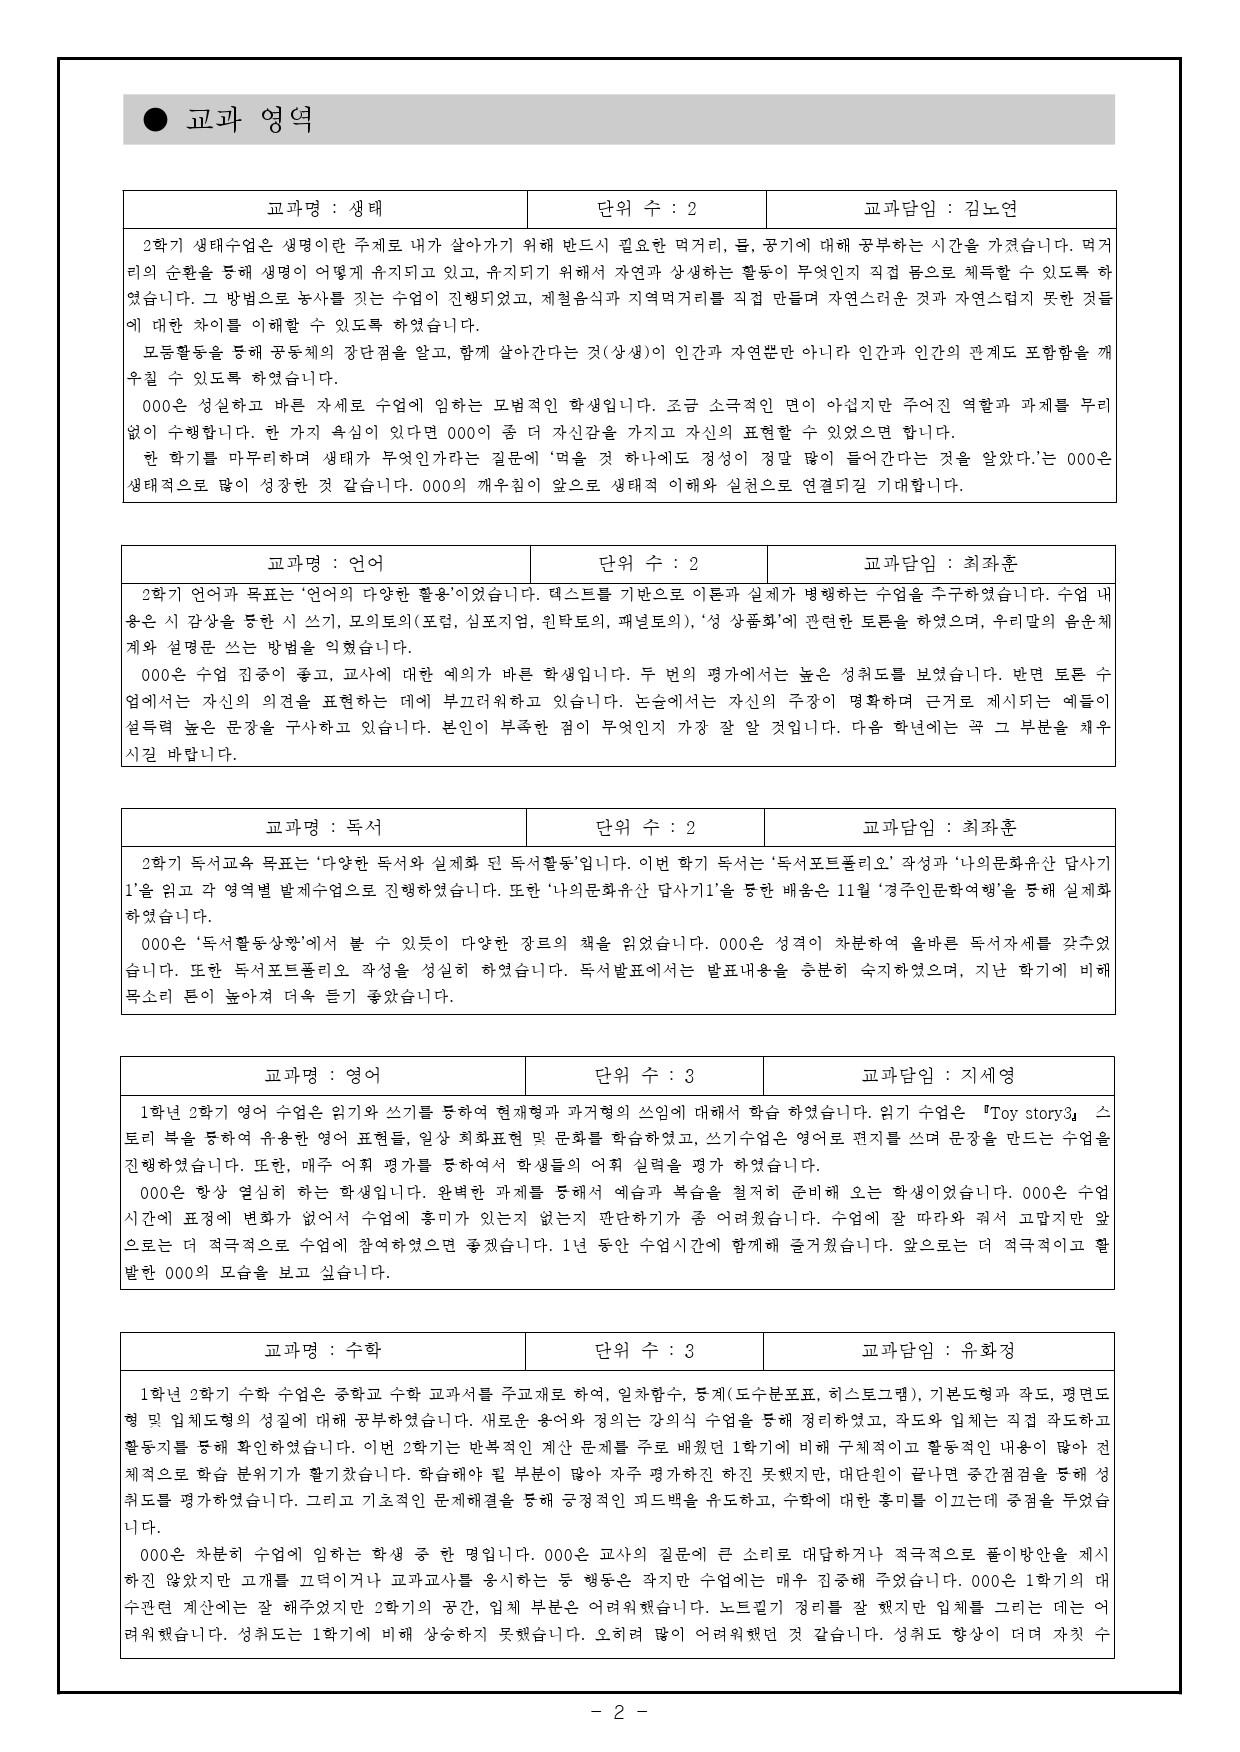 지혜학교 평가서_0-2.jpg